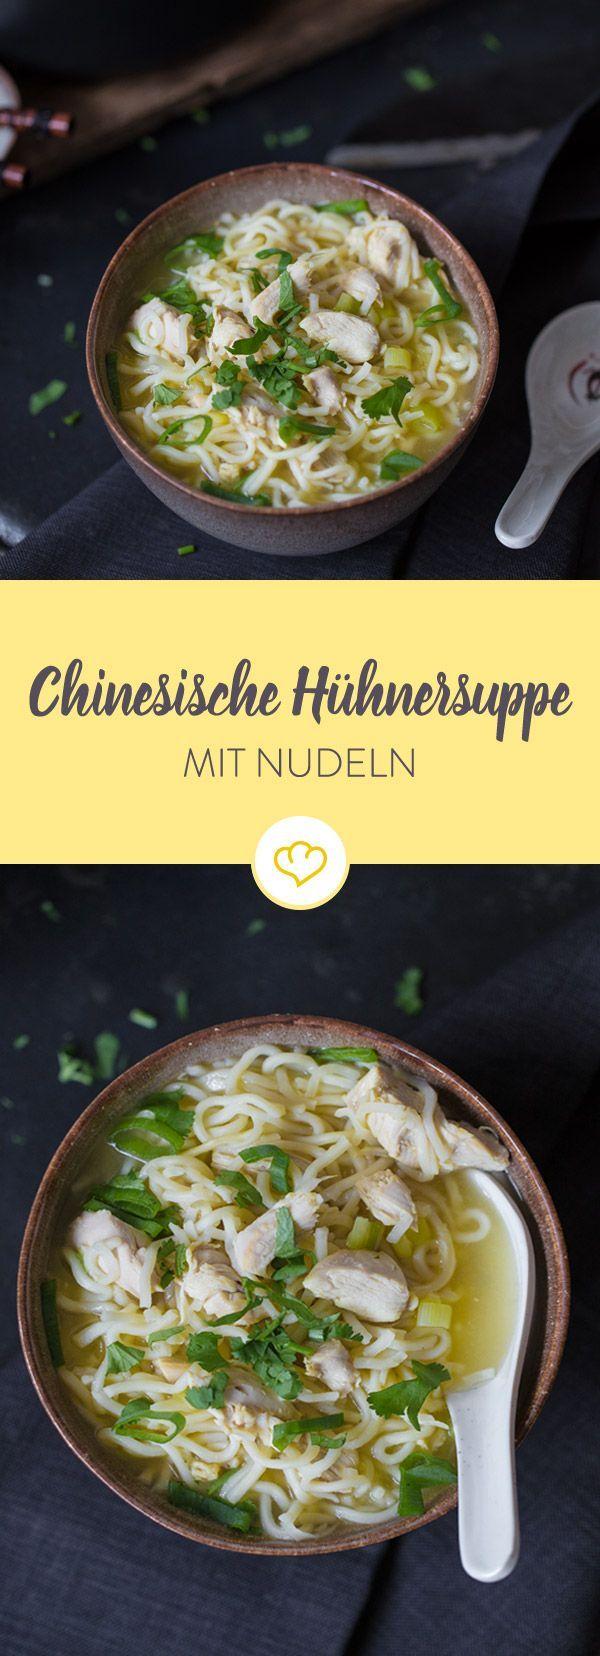 Schnelle chinesische Hühnersuppe mit Nudeln #chinesefood